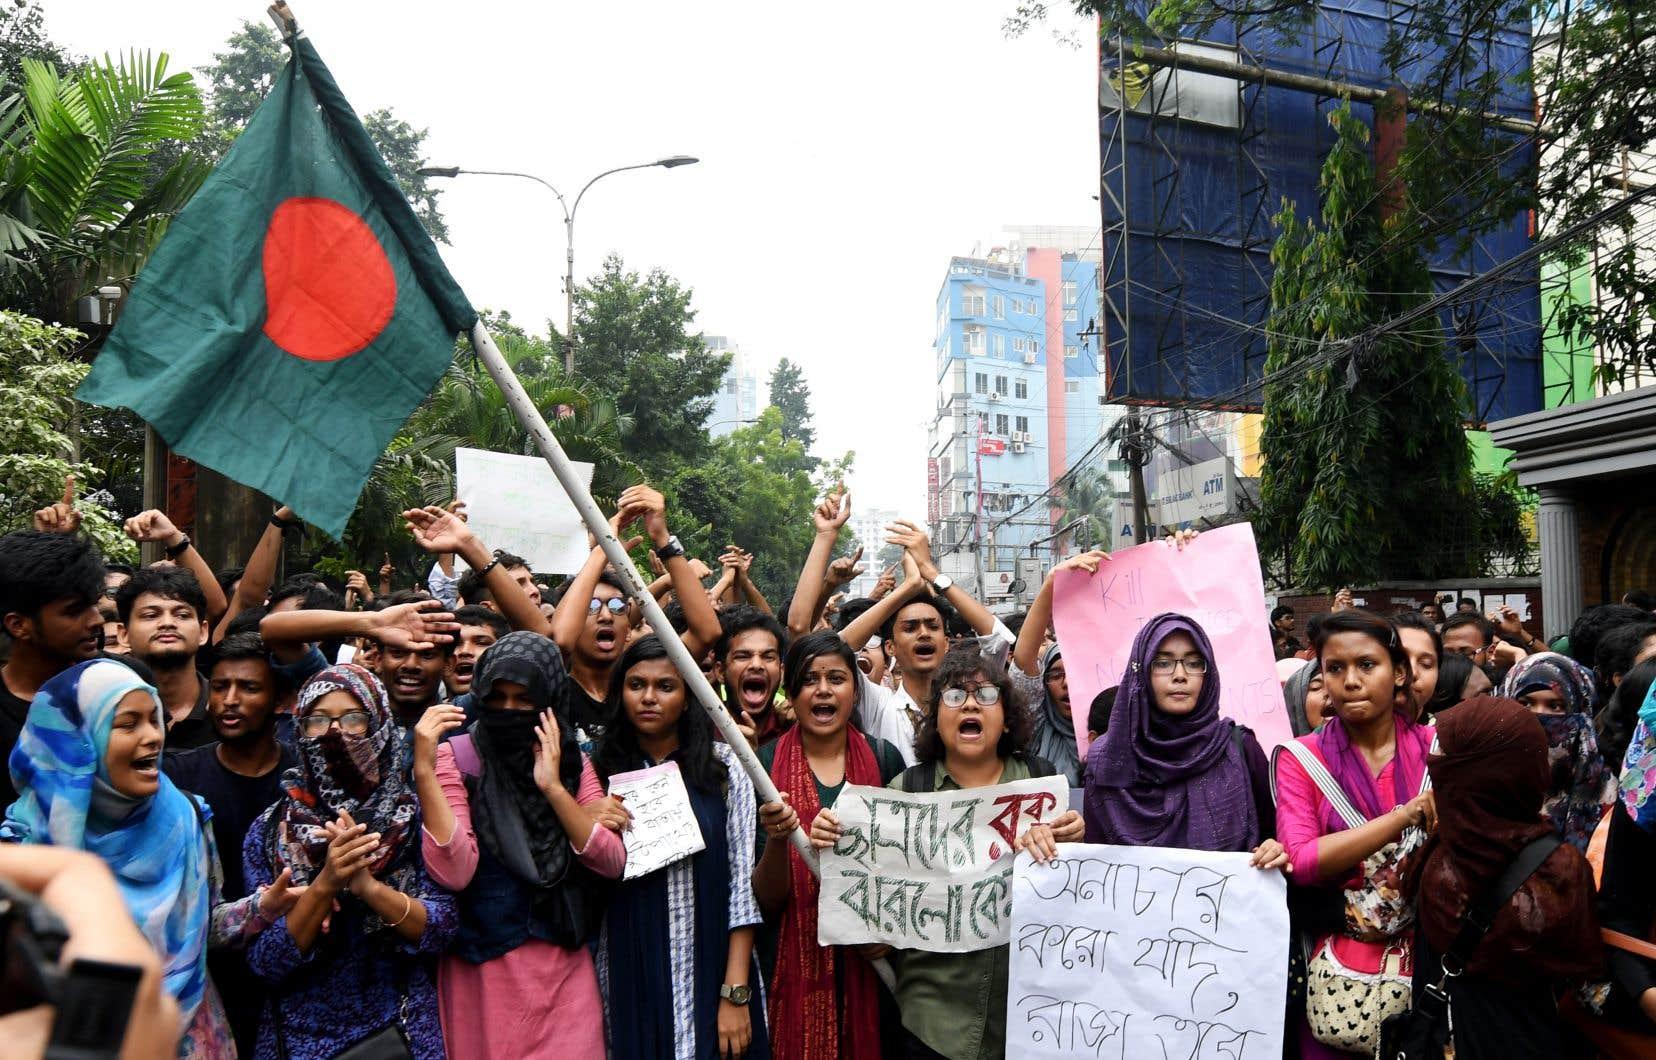 À Dacca, des heurts ont opposé lundi des centaines d'étudiants à la police, qui a utilisé des gaz lacrymogènes pour les disperser.